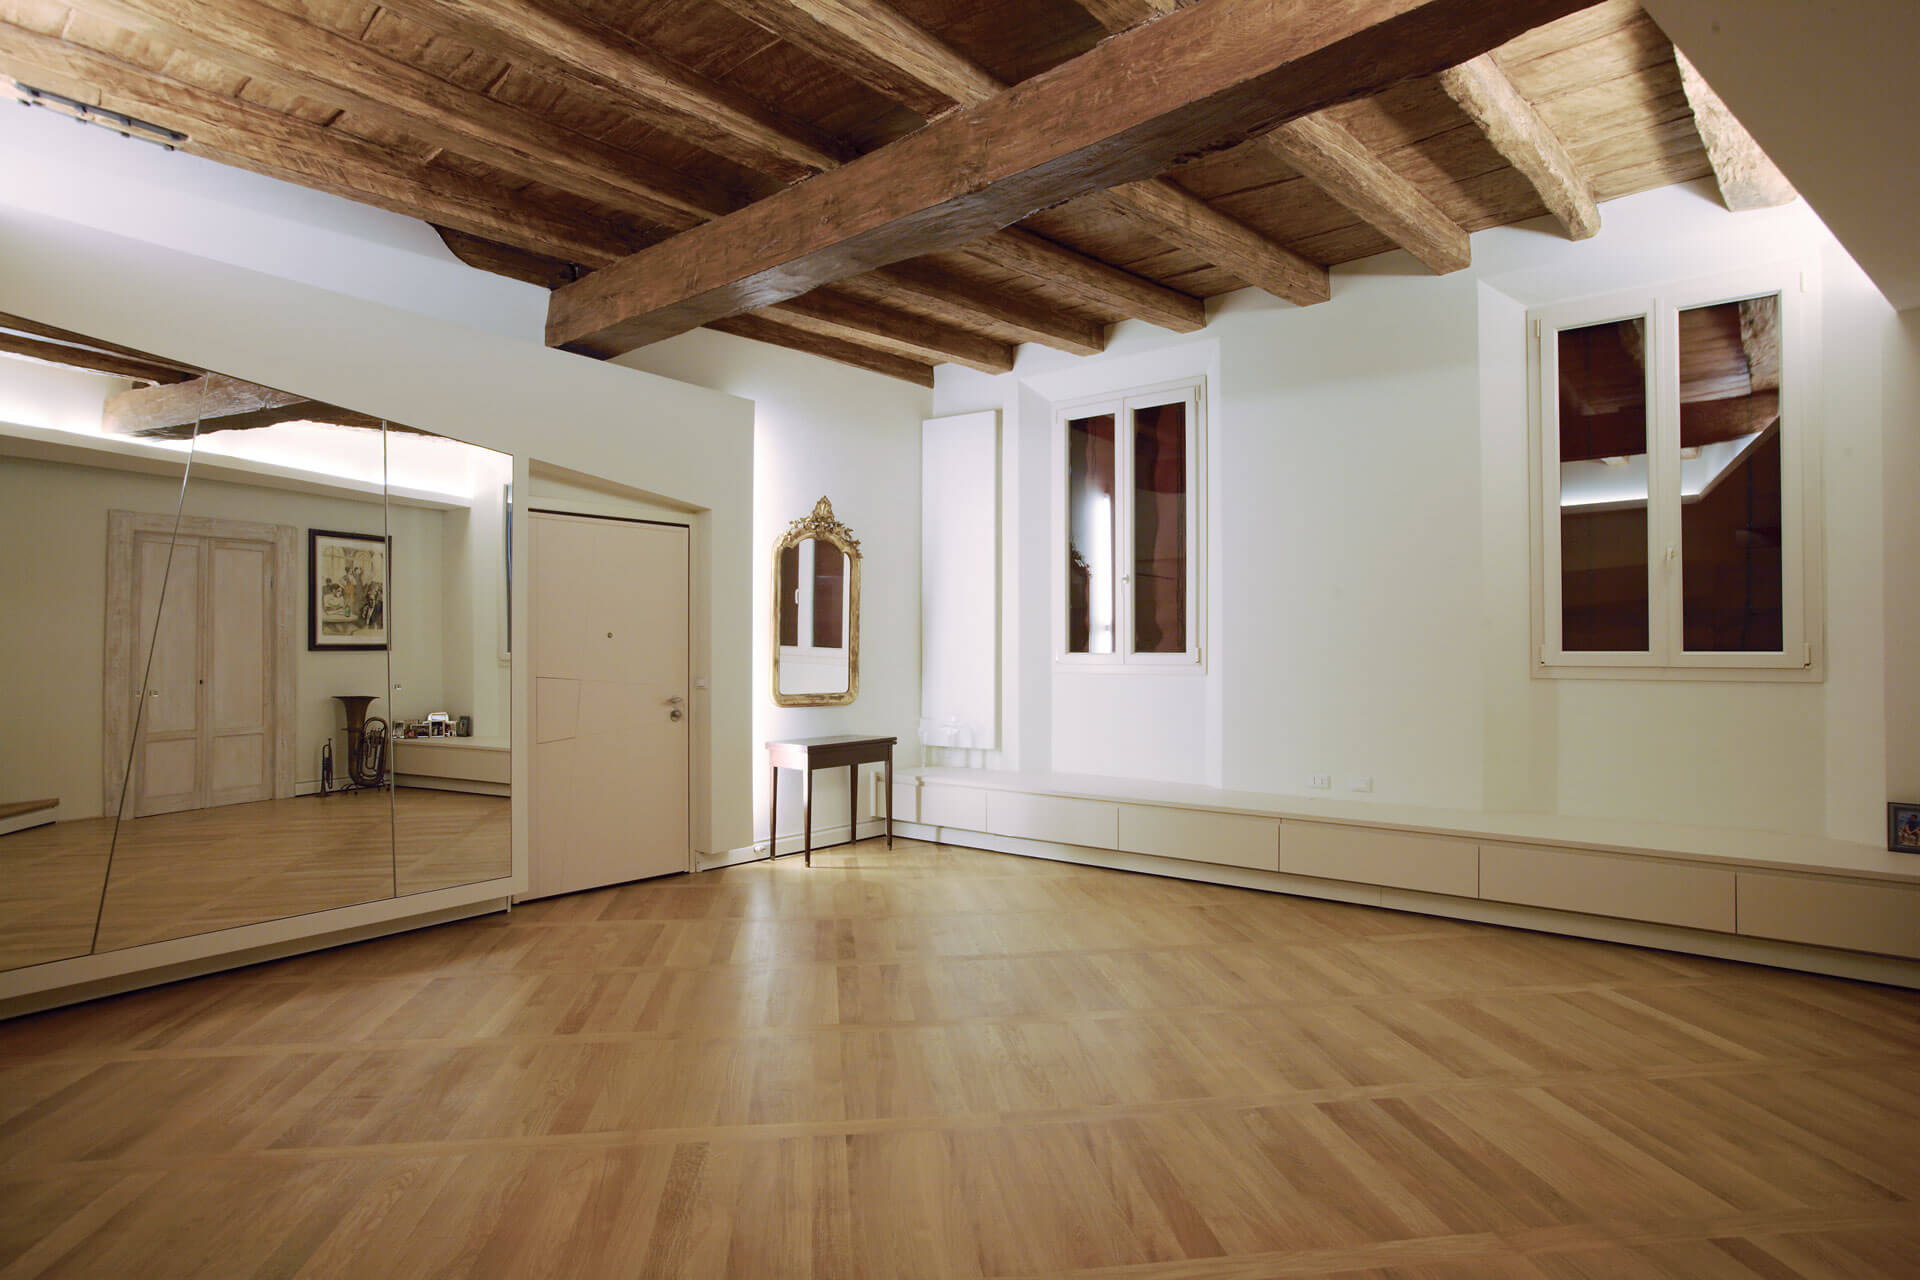 micaela-mazzoni-studio-interior-designer-bologna-progetti-abitativi-gallery-appartamento-via-cesare-battisti-bologna-2